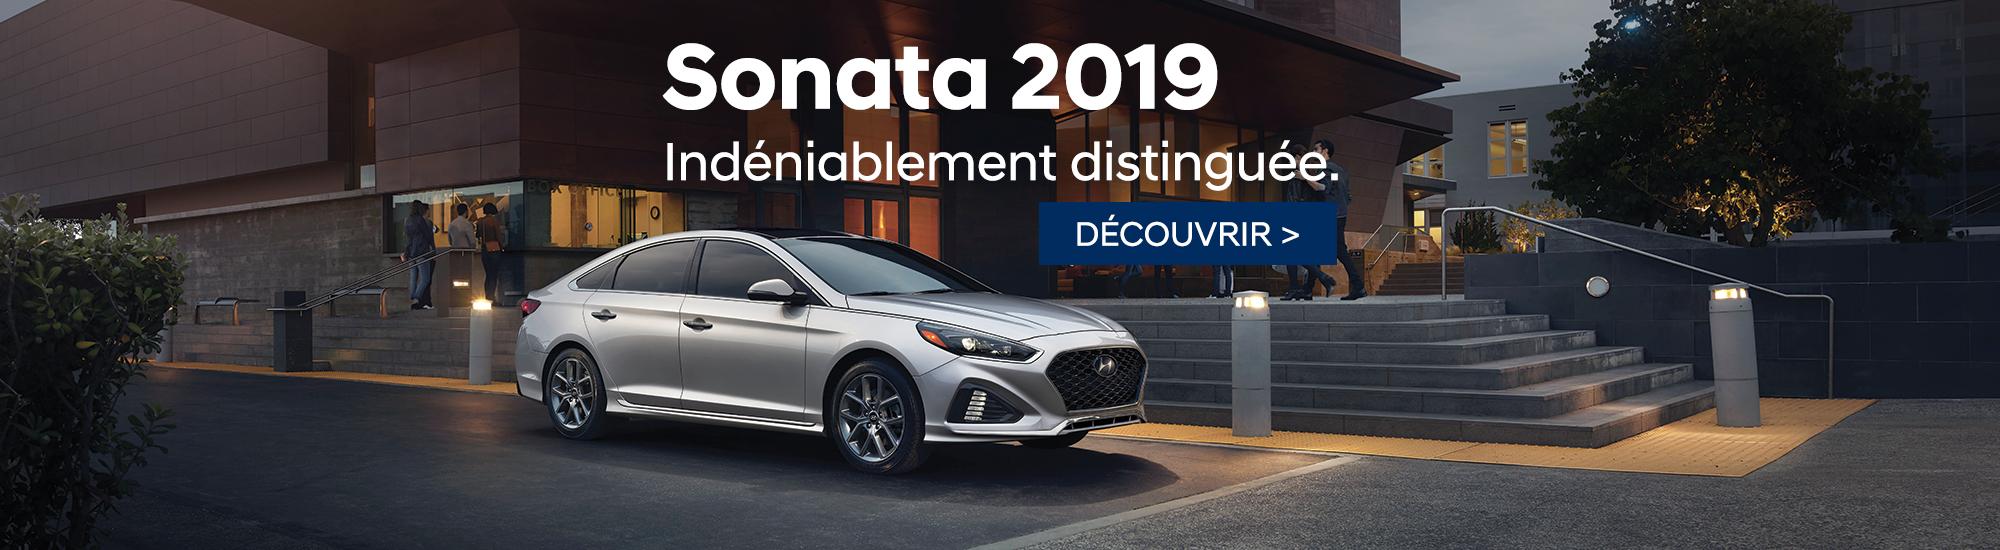 Sonata 2019